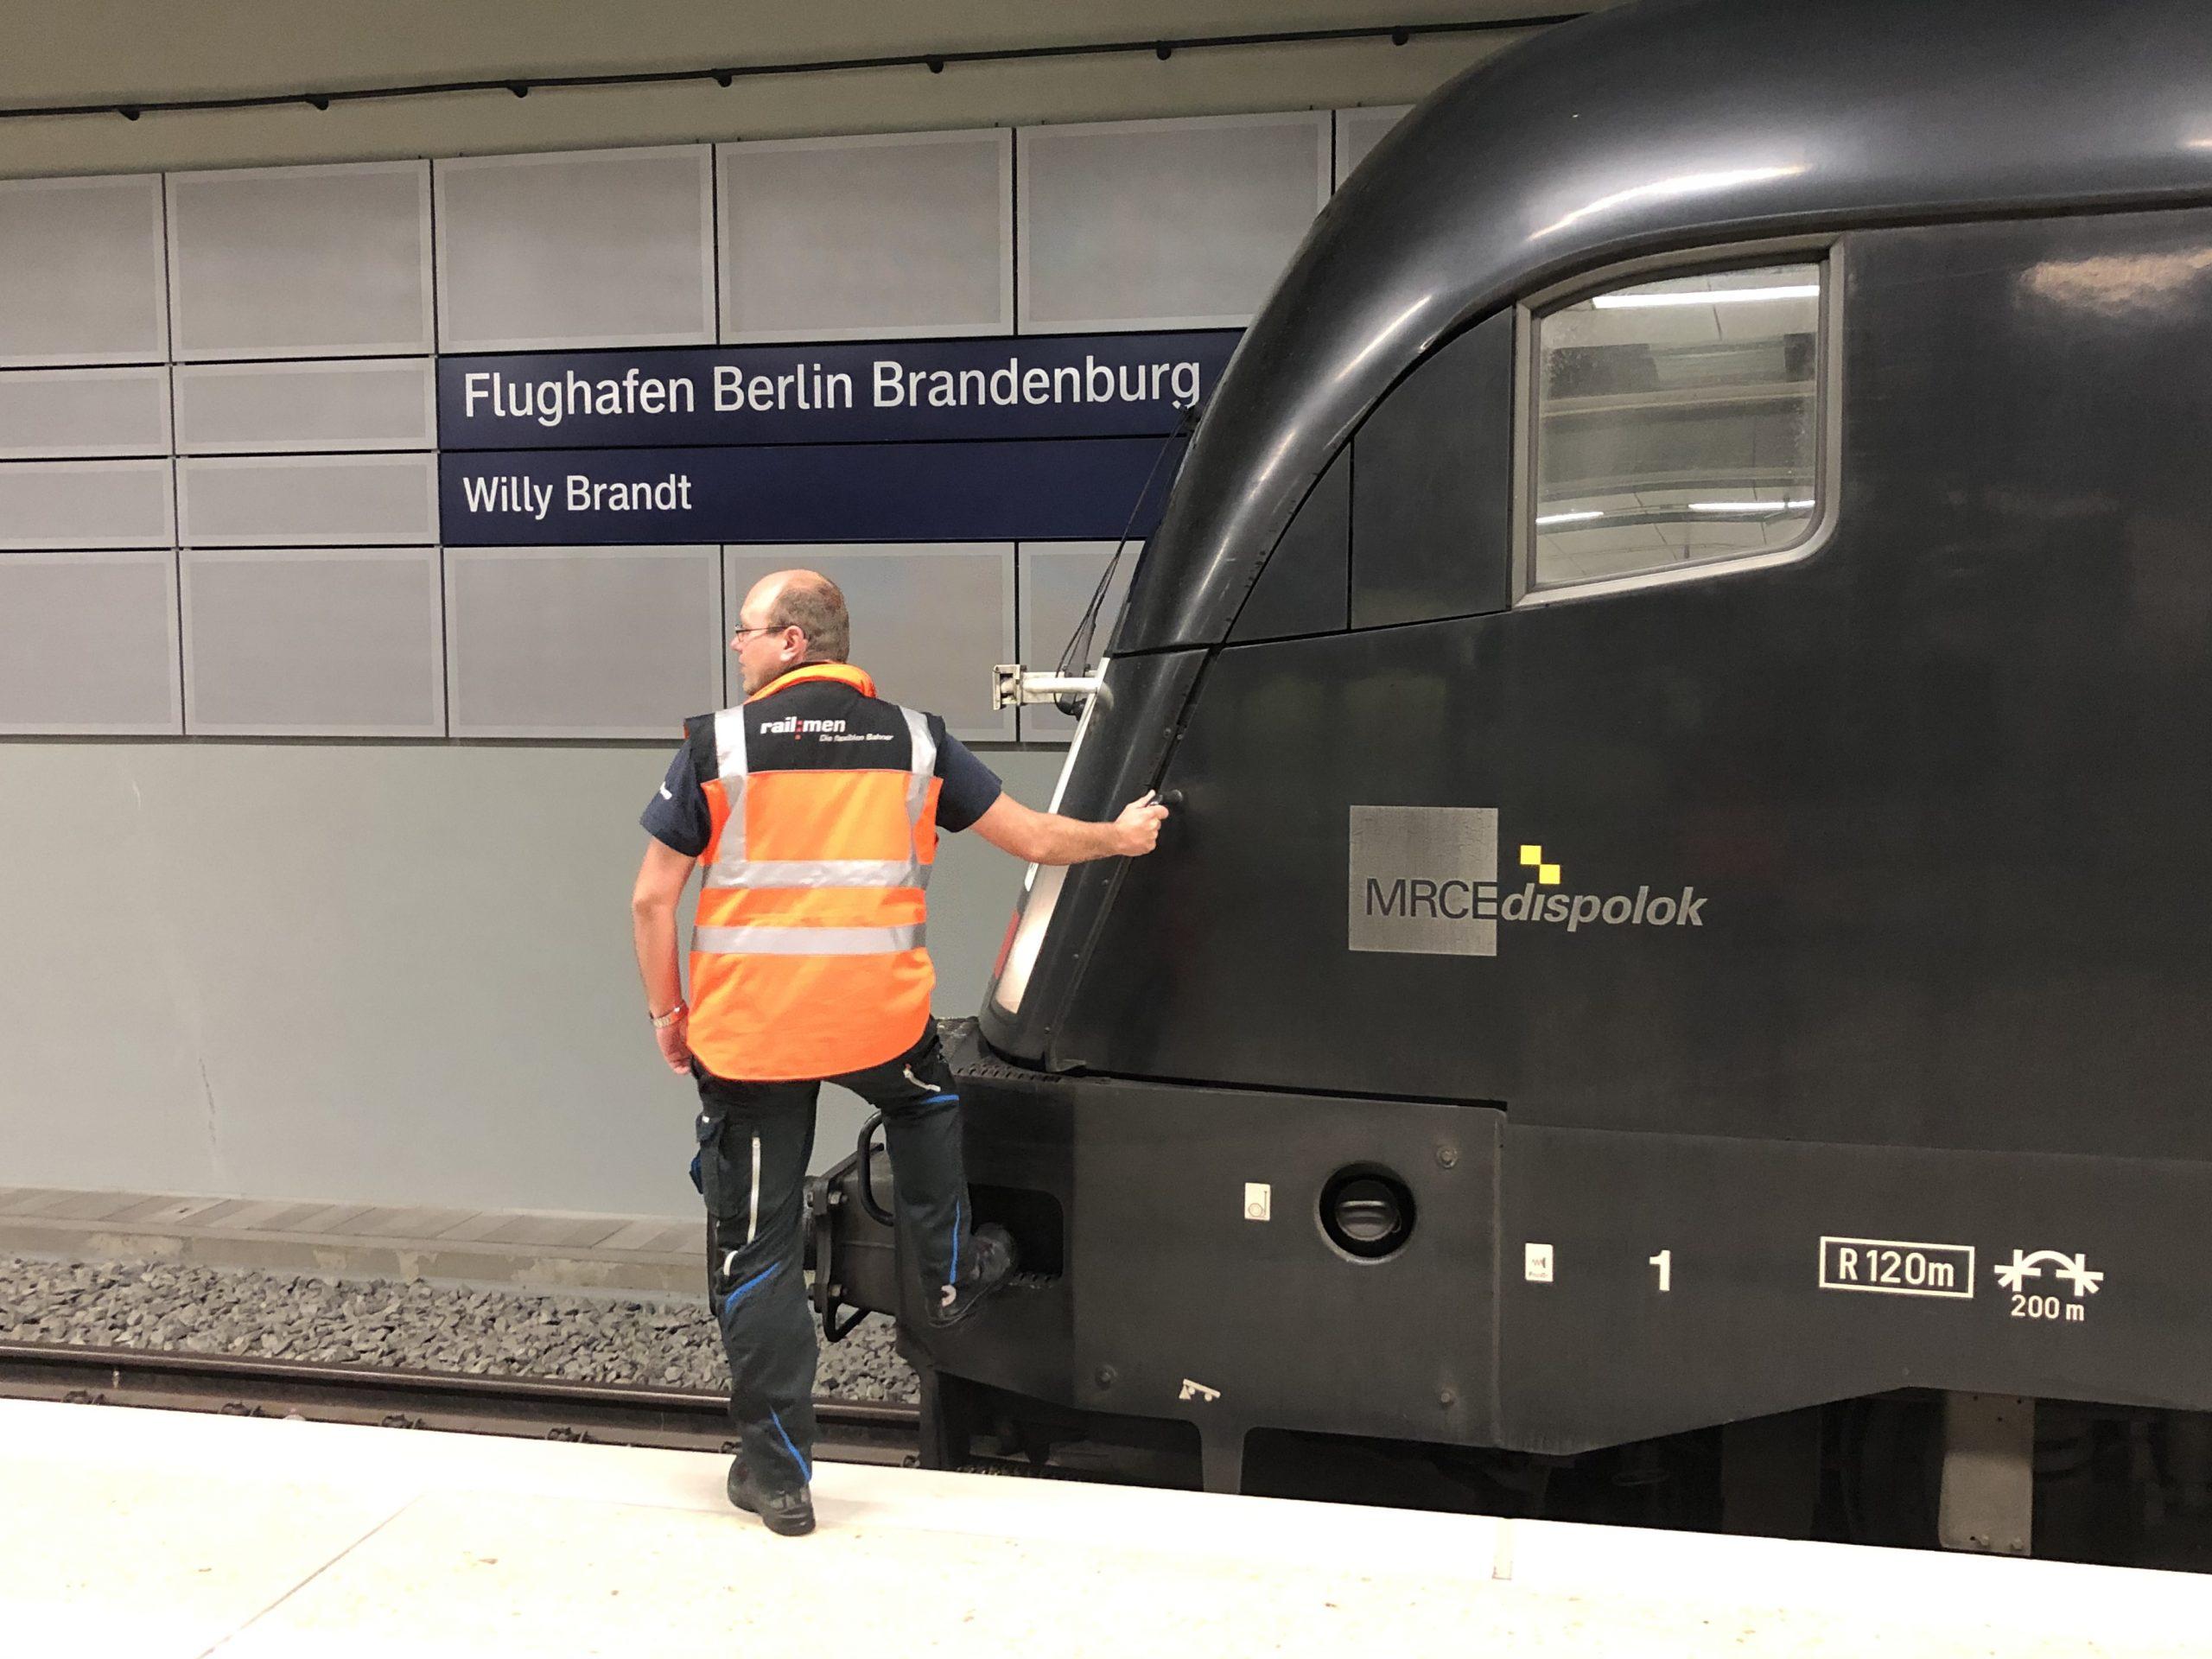 ©Foto: Jan Krehl | railmen | Erkundungstour durch den Untergrund des neuen Flughafen Berlin Brandenburg BER vor der Eröffnung.